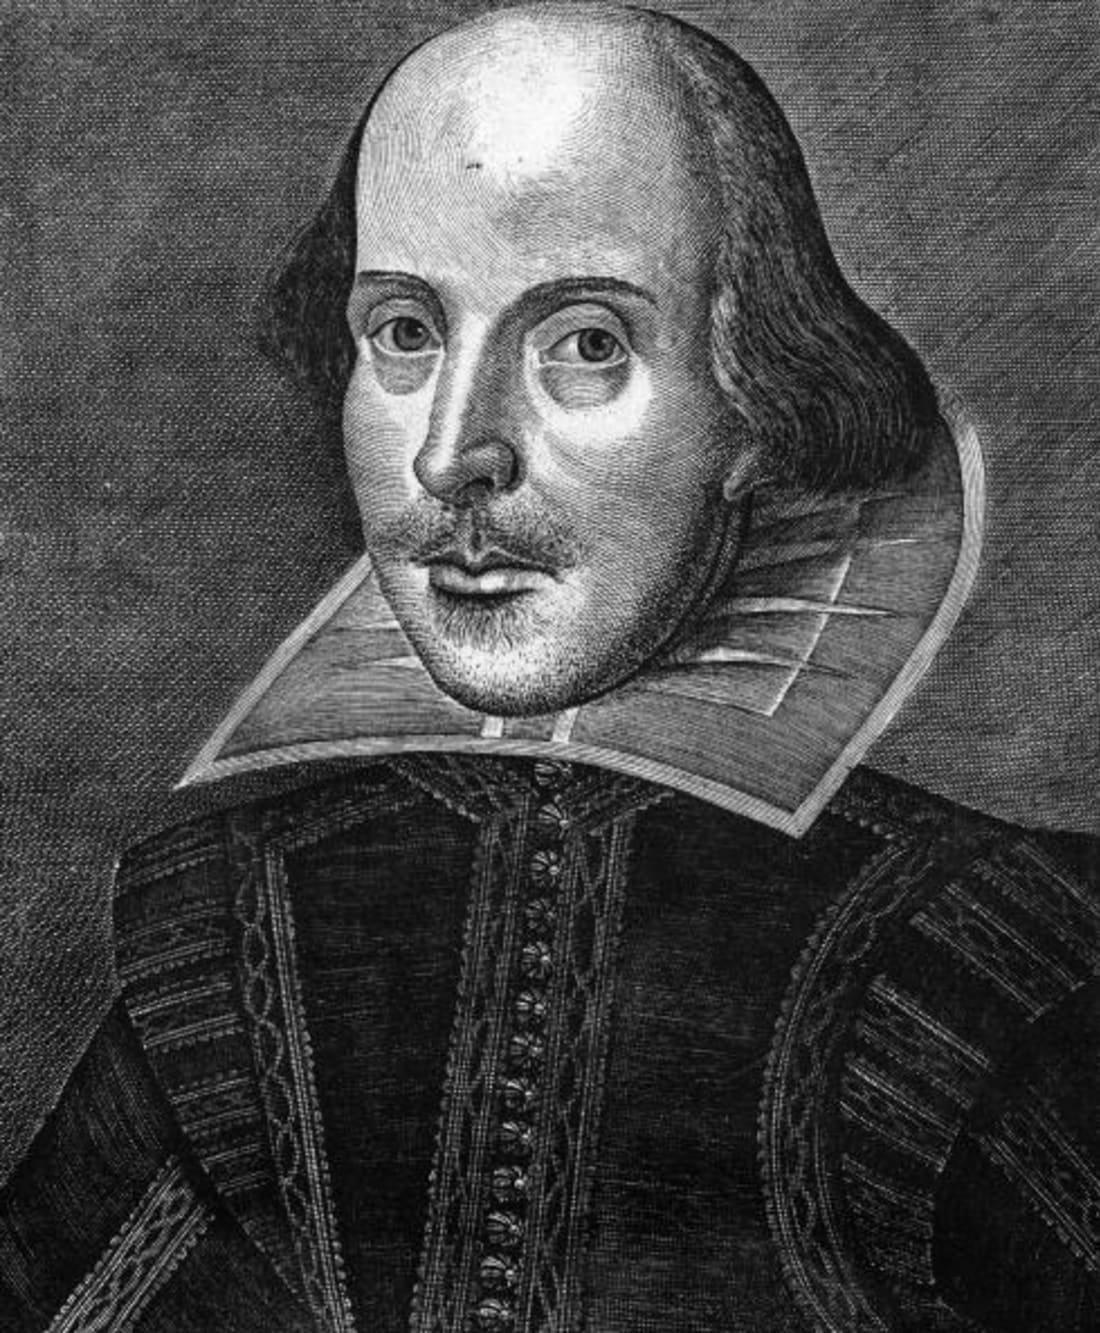 Βρέθηκε το σπίτι στο οποίο ο Σαίξπηρ έγραψε το έργο «Ρωμαίος και